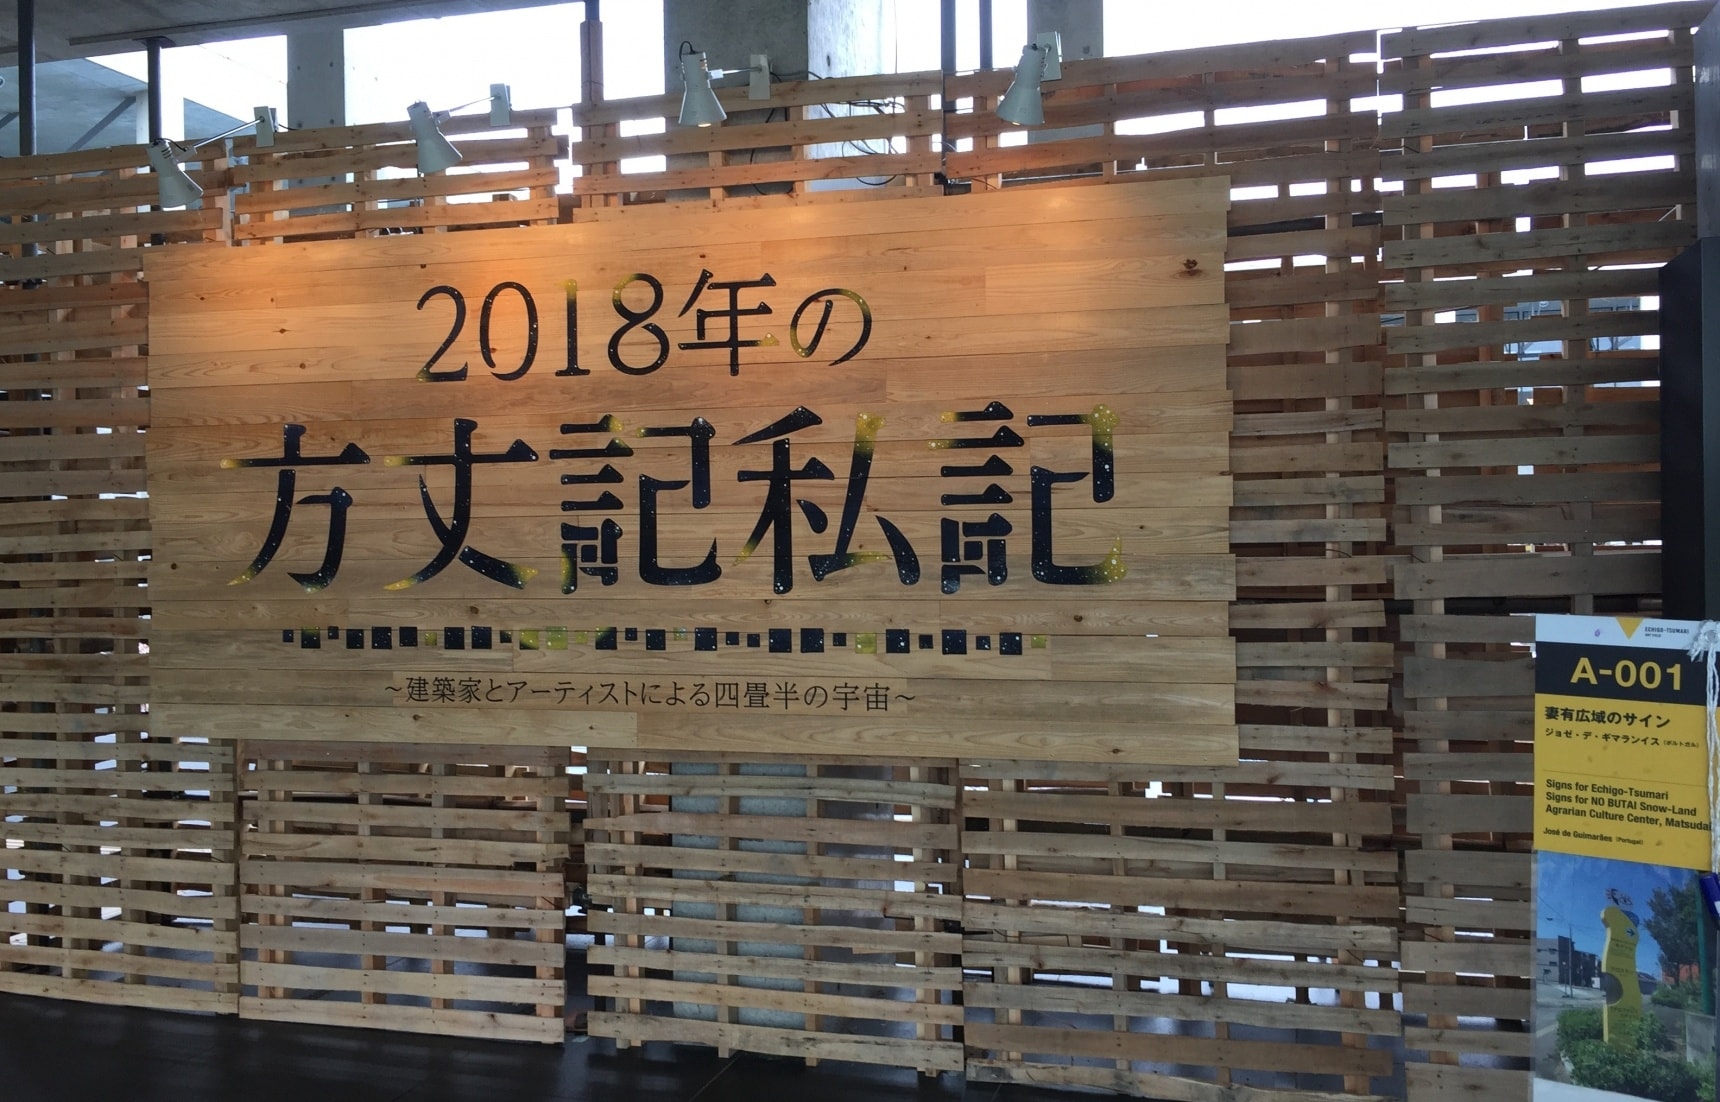 ไปดูงานนิทรรศการศิลปะ Echigo-Tsumari Art 2018